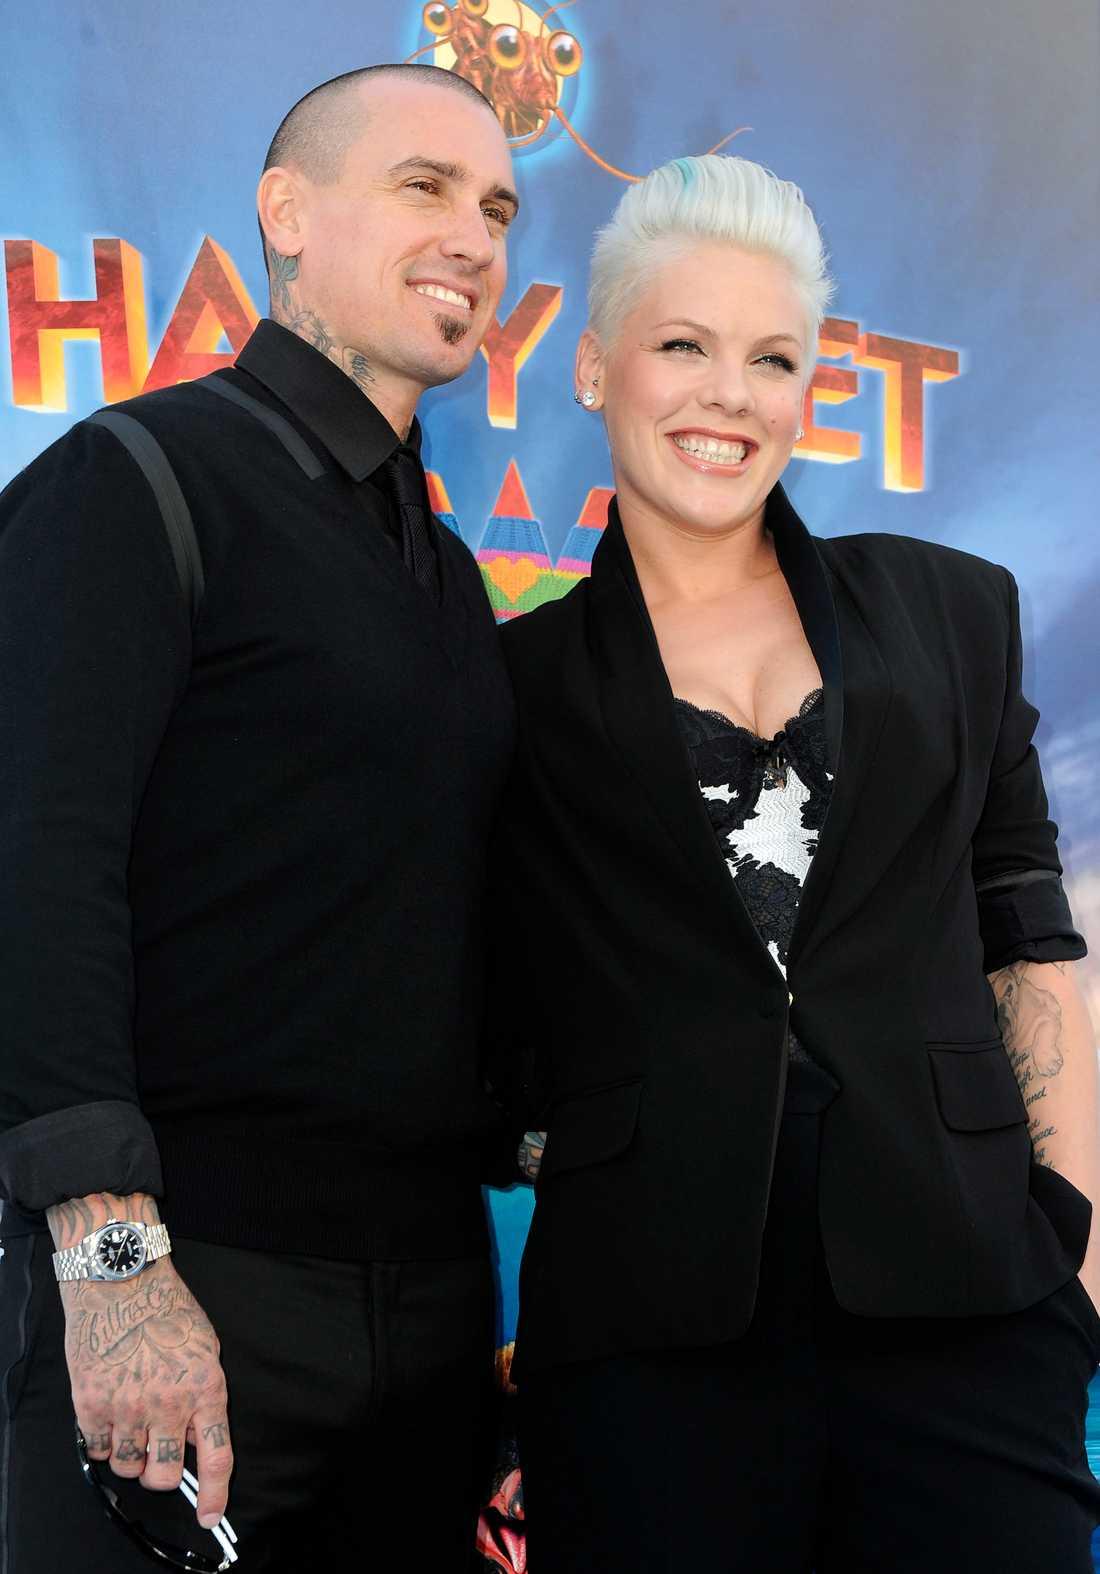 Pinks make Corey Hart är beredd att ta till vapen för att skydda parets ägodelar.